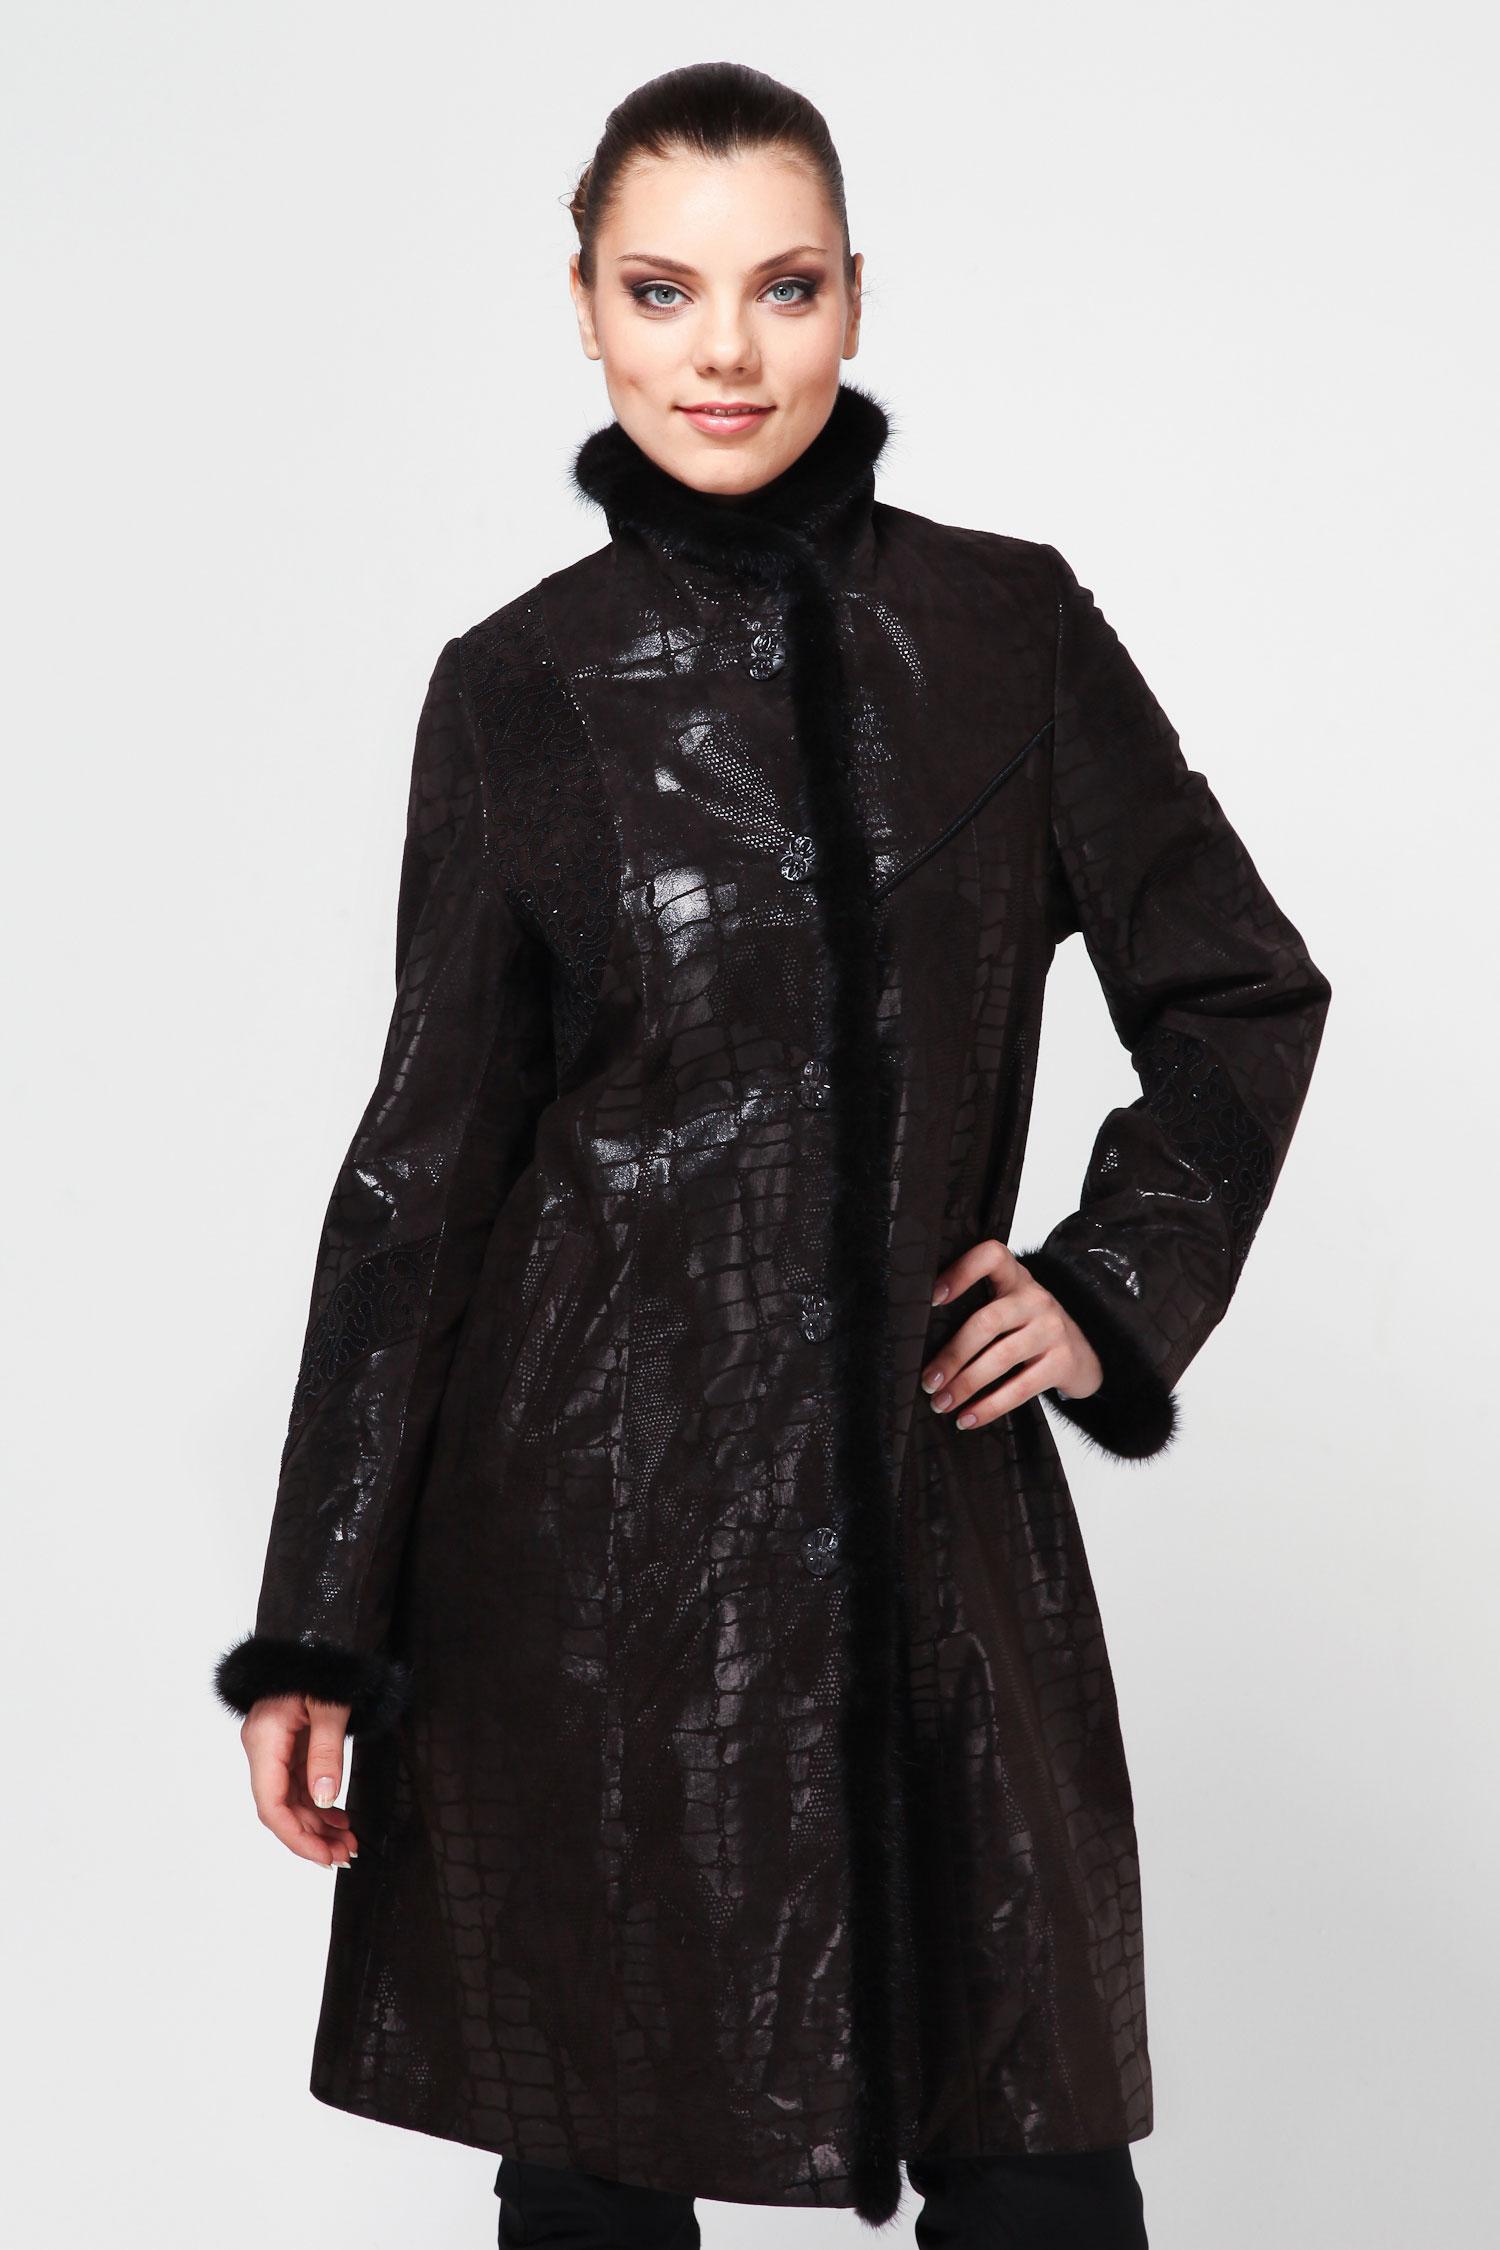 Женское кожаное пальто из натуральной замши (с накатом) с воротником, отделка норкаКожаное пальто женское комбинированное из мягкой, нежной замши с накатом. Норкой отделаны: воротник, рукава и борт изделия. В настоящее время такая комбинация является очень модной. Воротник - стойка. Изящный дизайн не оставит Вас равнодушной.<br><br>Воротник: Стойка<br>Длина см: 105<br>Материал: Замша с накатом<br>Цвет: Коричневый<br>Вид застежки: Норка<br>Пол: Женский